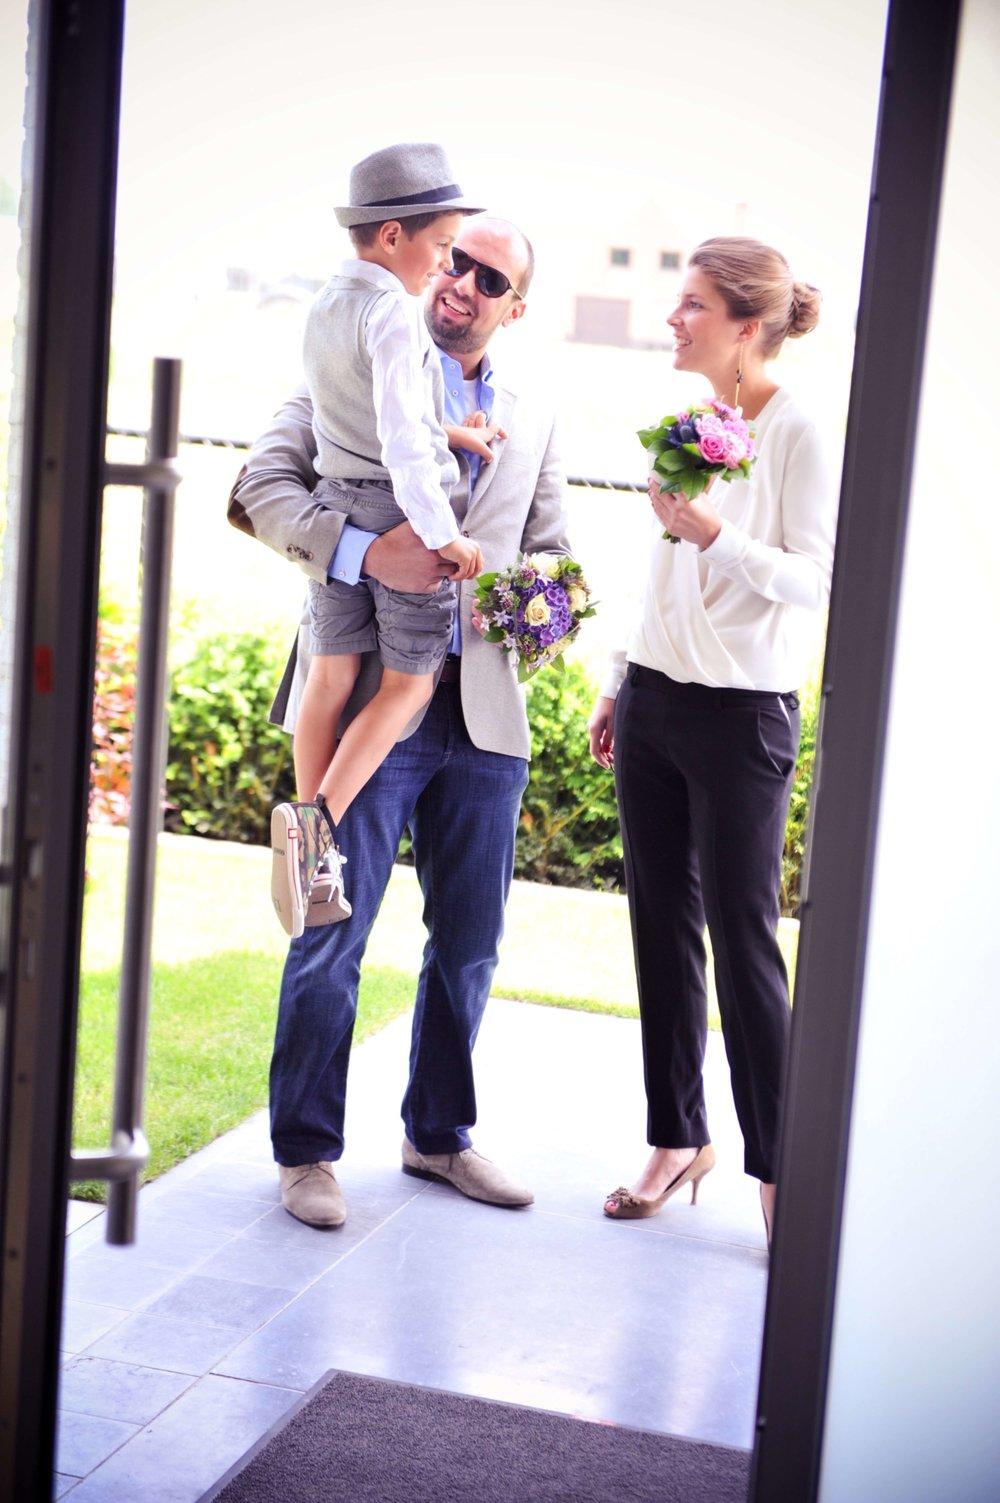 Bart Albrecht fotograaf photographer belgium belgie anbtwerpen antwerp wedding huwelijk huwelijksfotograaf trouwfotograaf trouw bruid bruidegom trouwkleed ceremonie weddingdress topphotographer topfotograaf beste best top 10 148.jpg